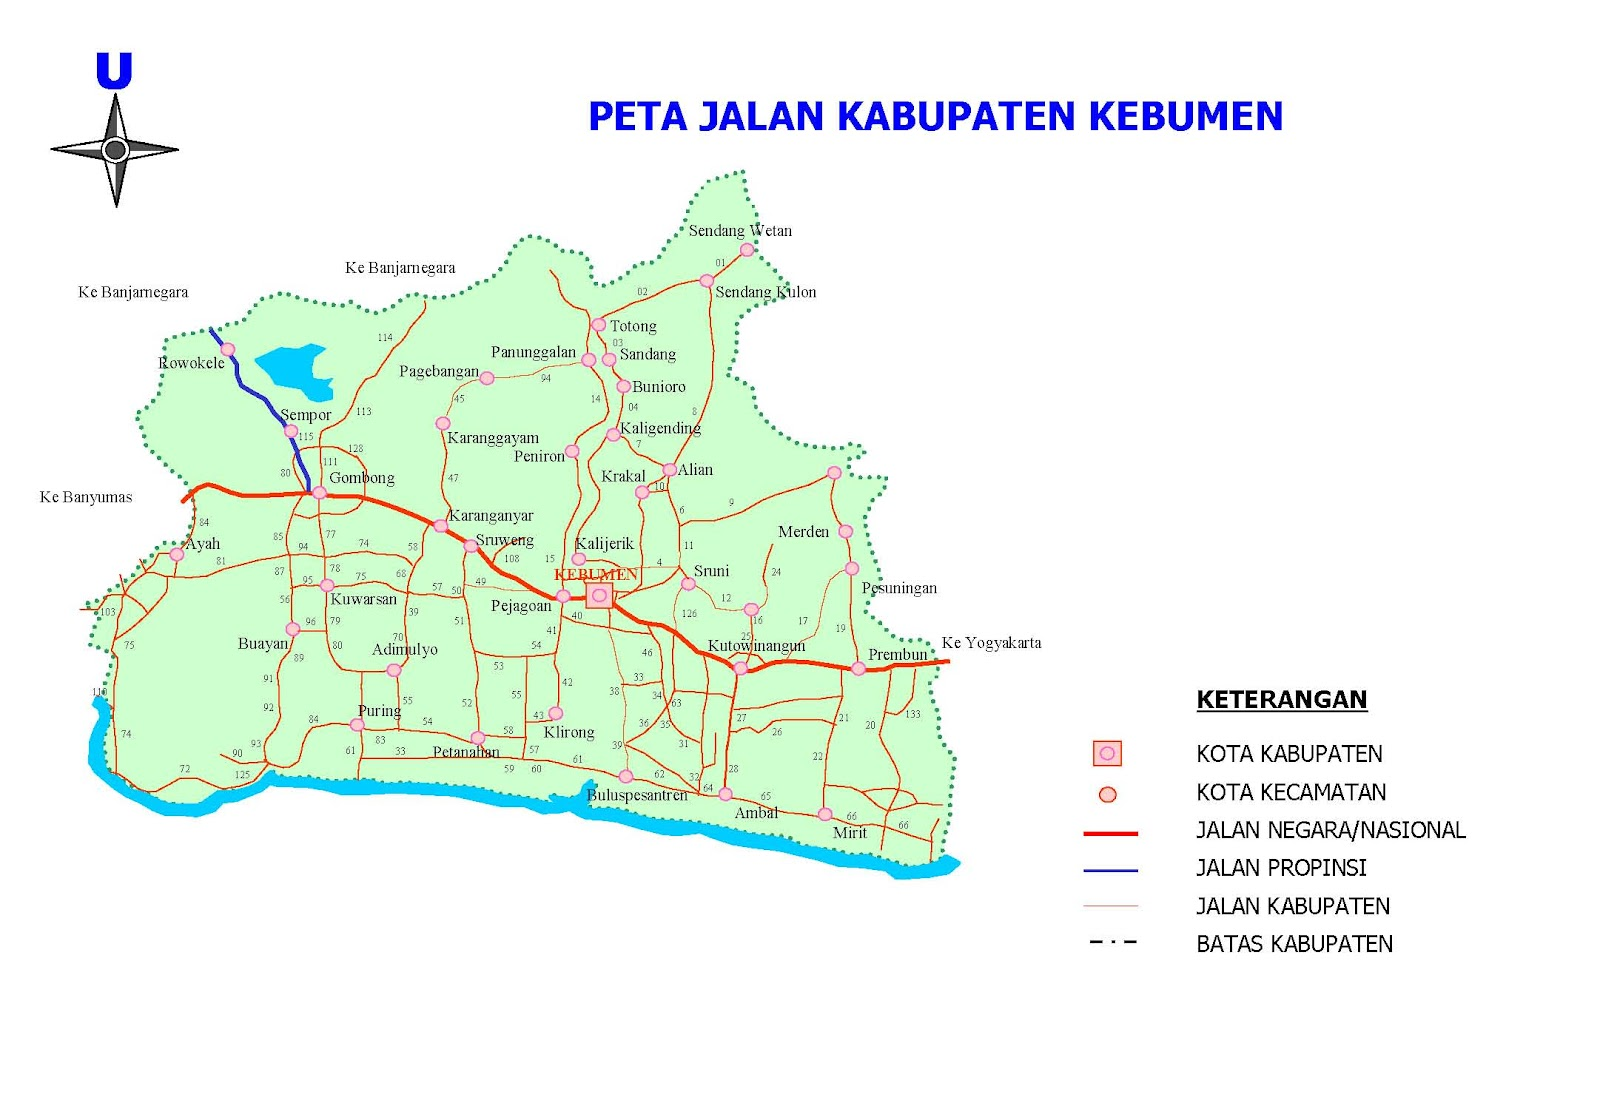 Peta Kota: Peta Kabupaten Kebumen